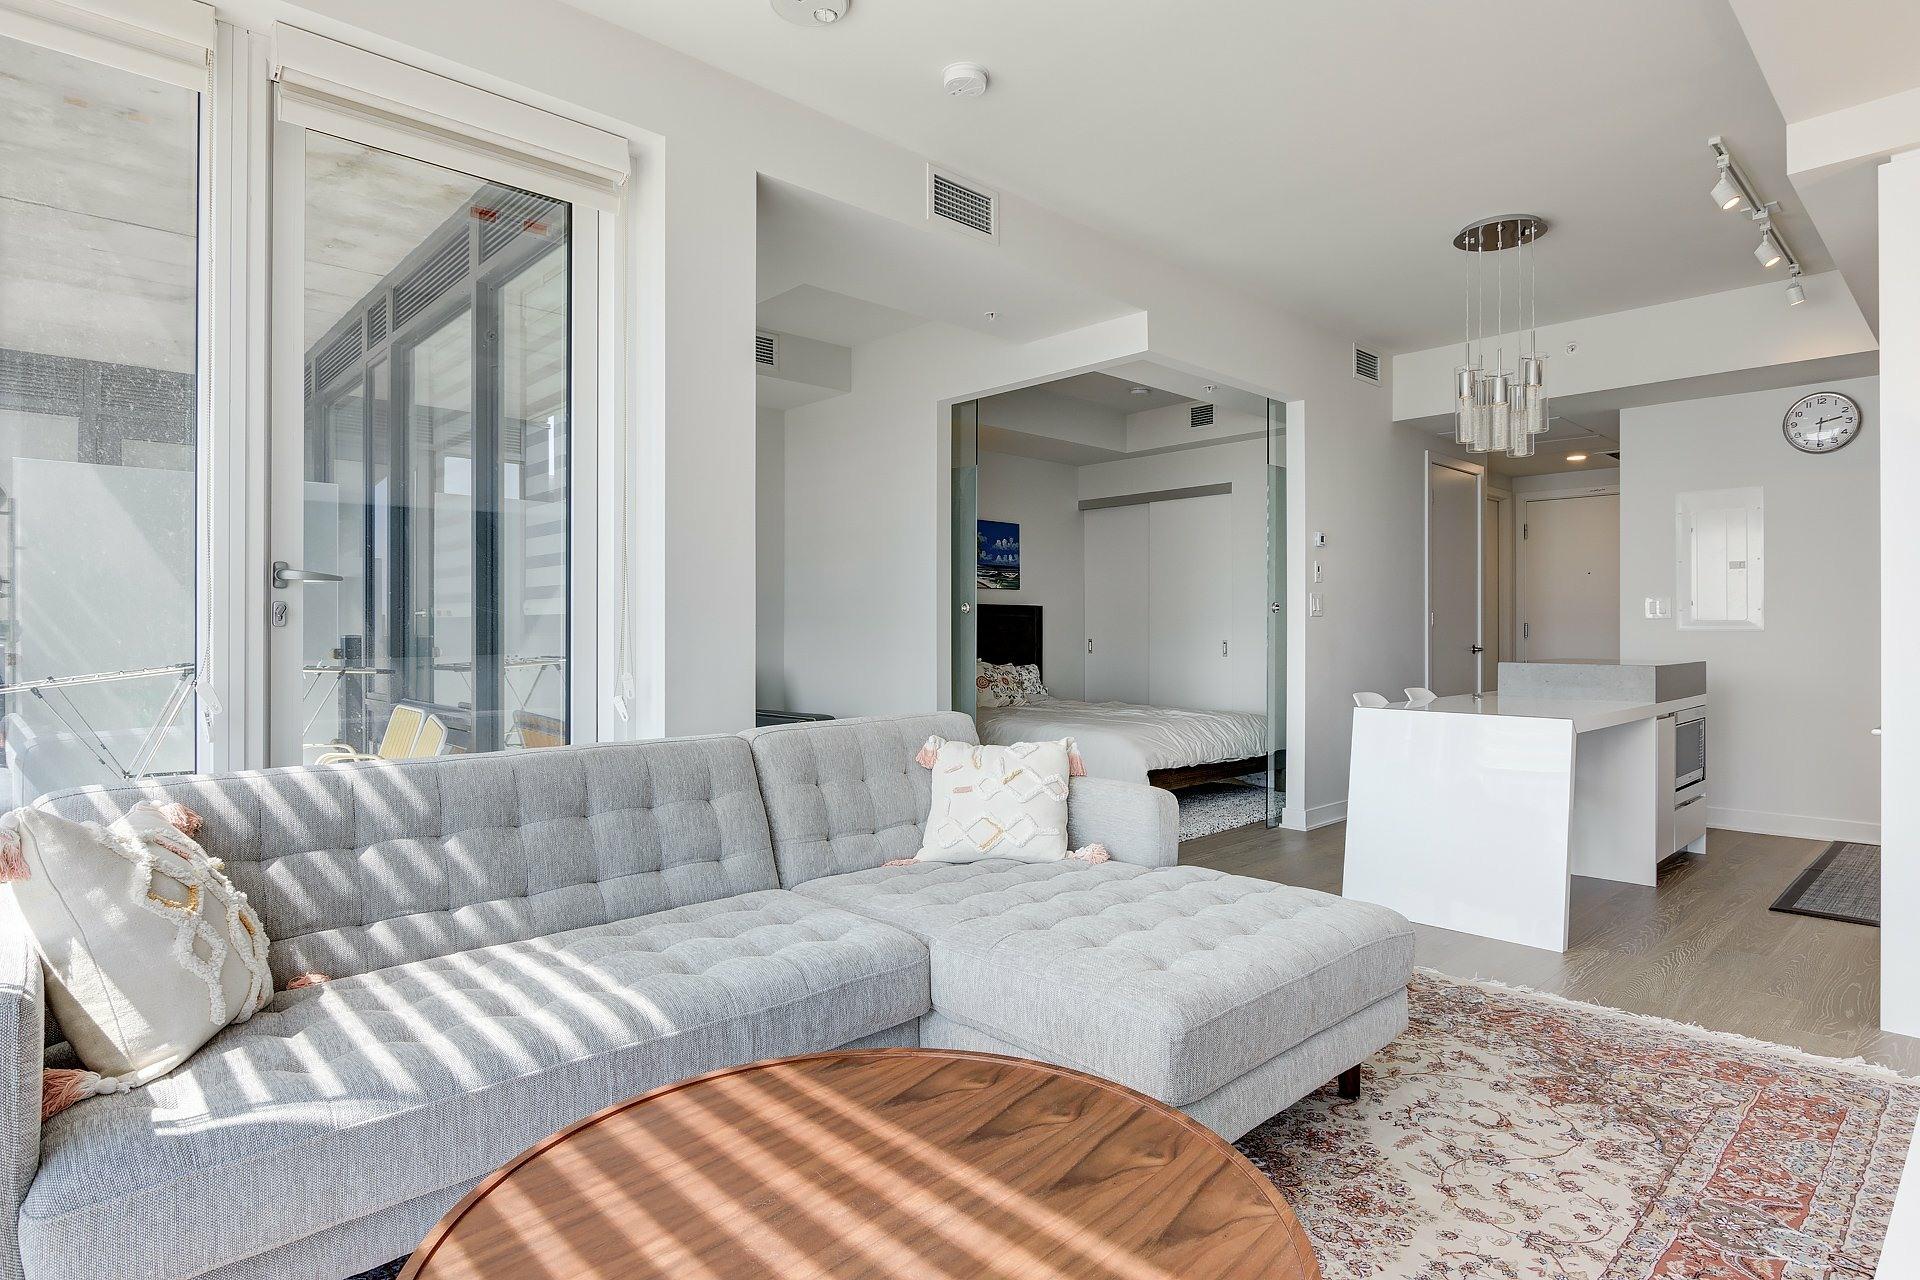 image 8 - Apartment For sale Ville-Marie Montréal  - 5 rooms